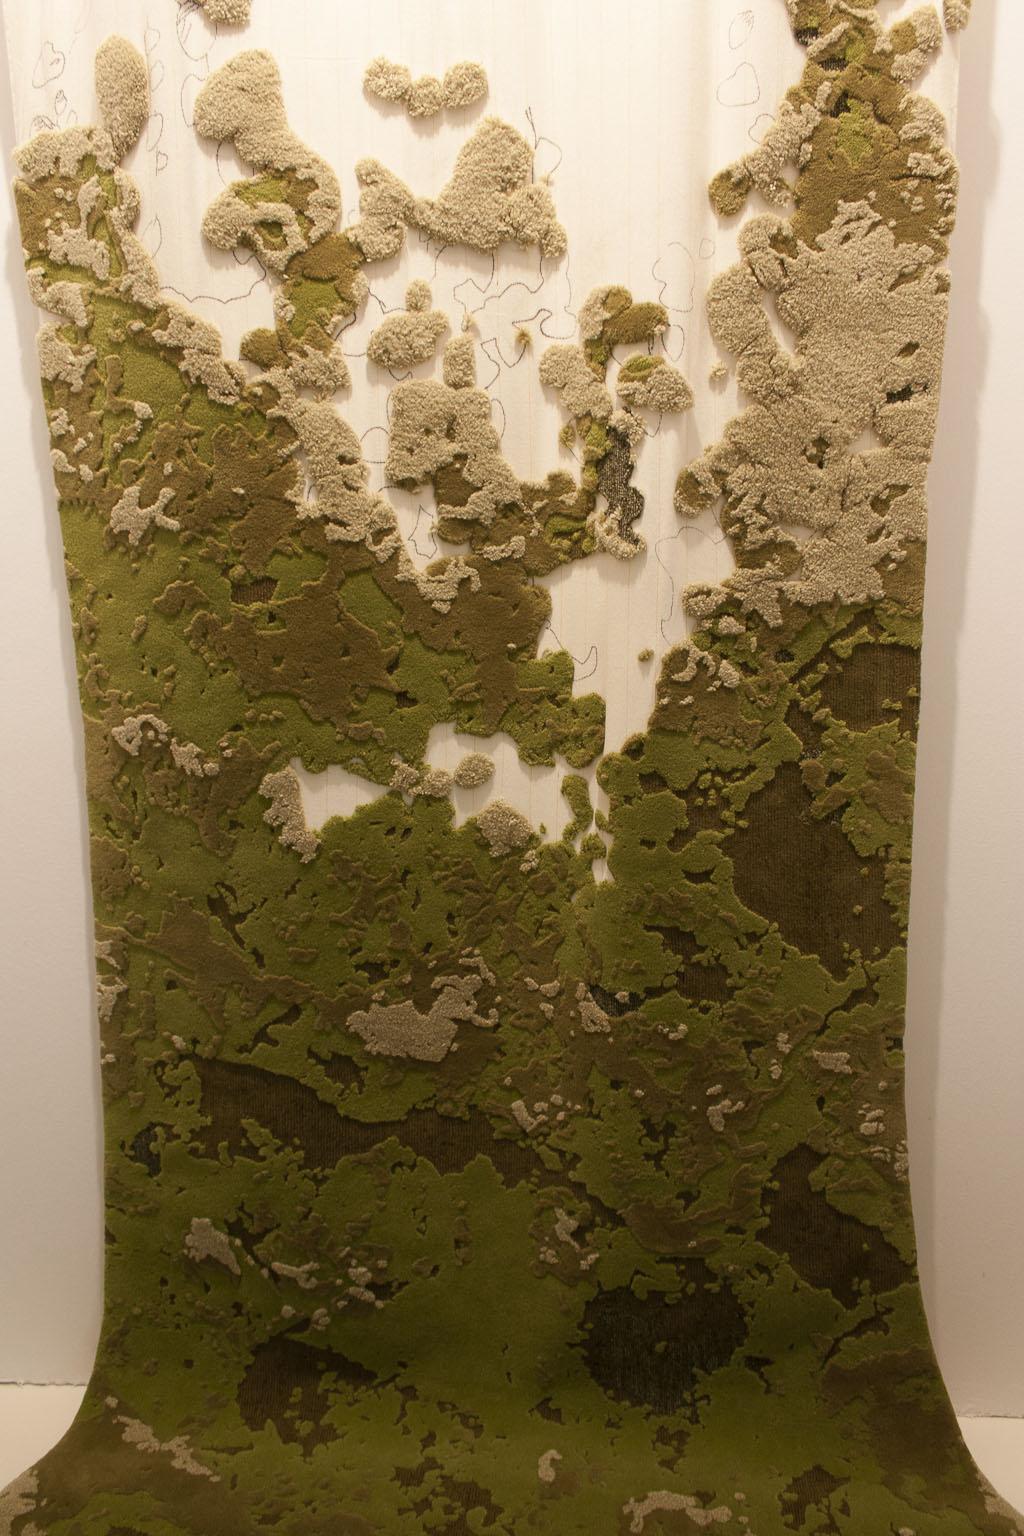 Foliage, Sam Baron - Fabrica, elsewhere : landscape, Elizabeth Leriche, Maison et objet janvier 2014